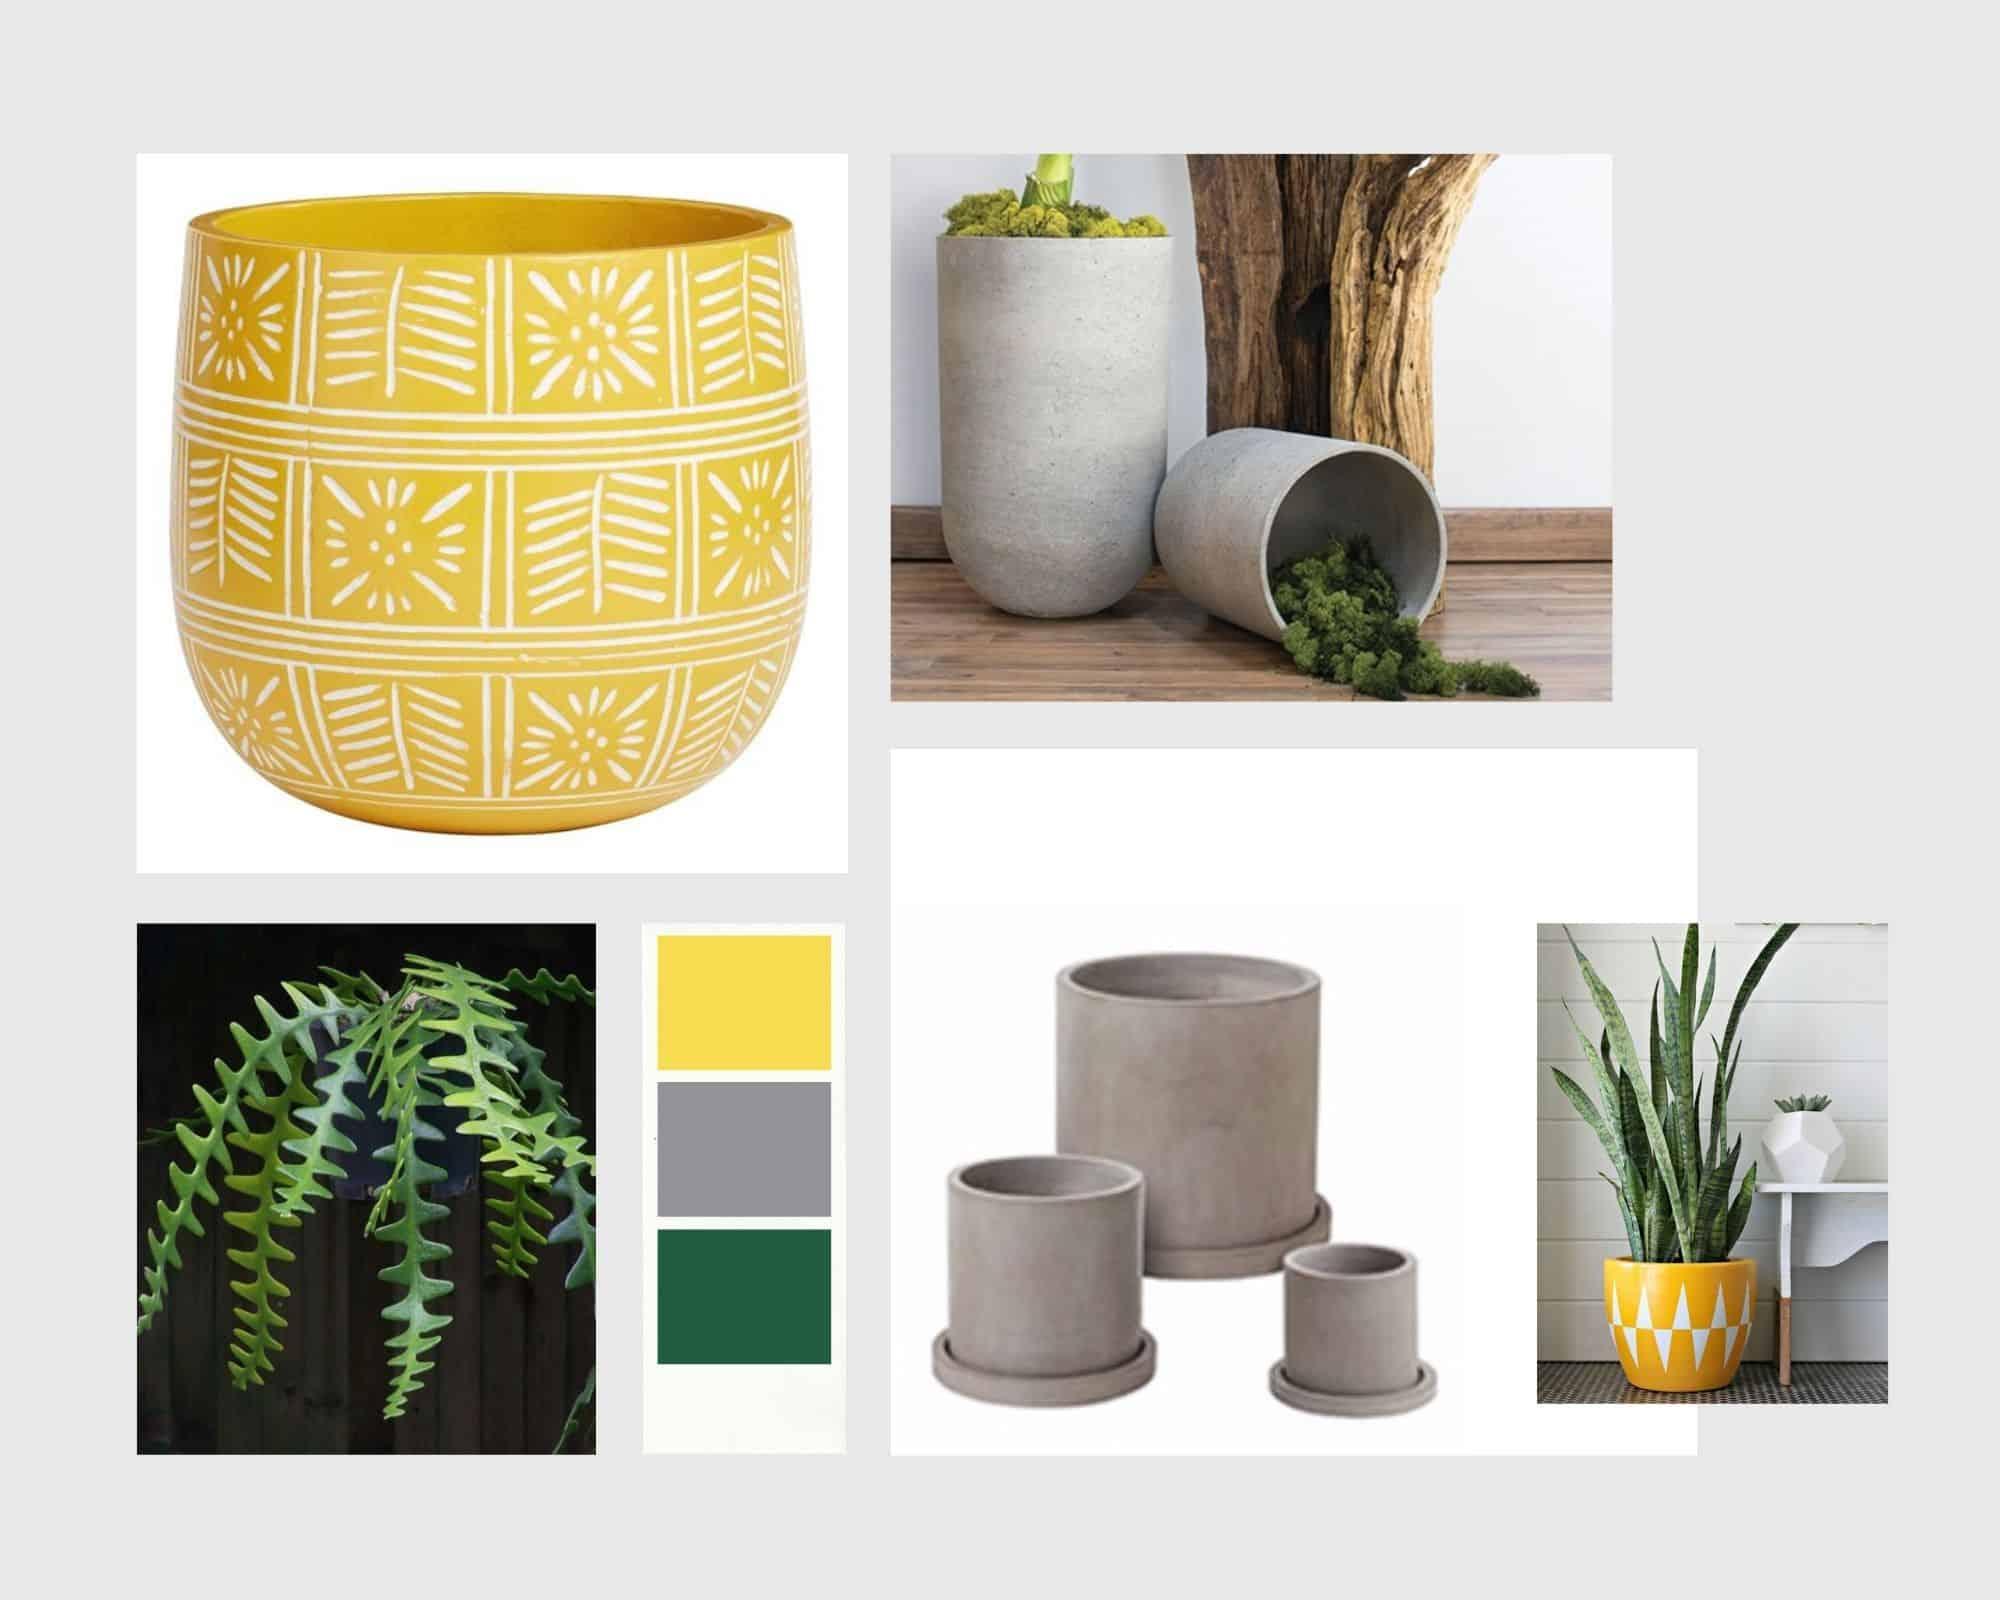 Accessoires pour plantes couleurs Pantone 2021